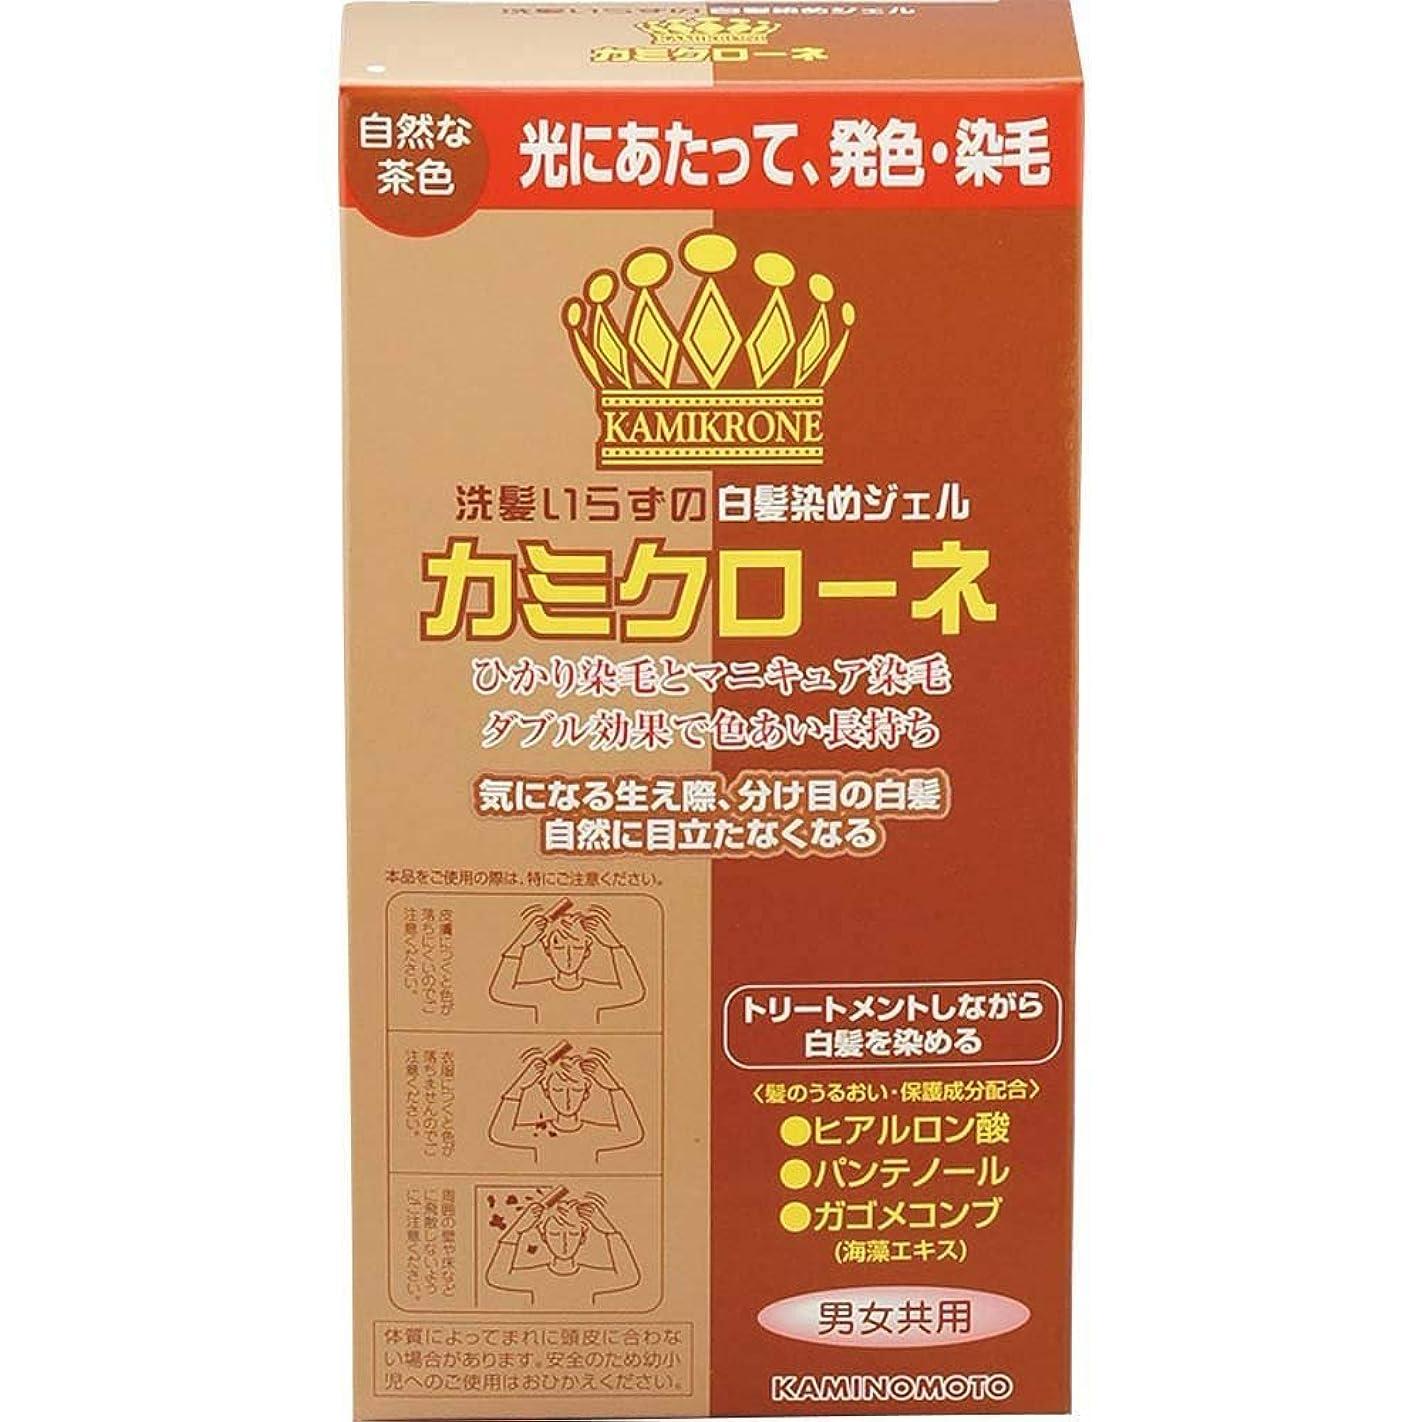 ふくろう微視的トレイル加美乃素 カミクローネ ナチュラルブラウン 80ml×6個